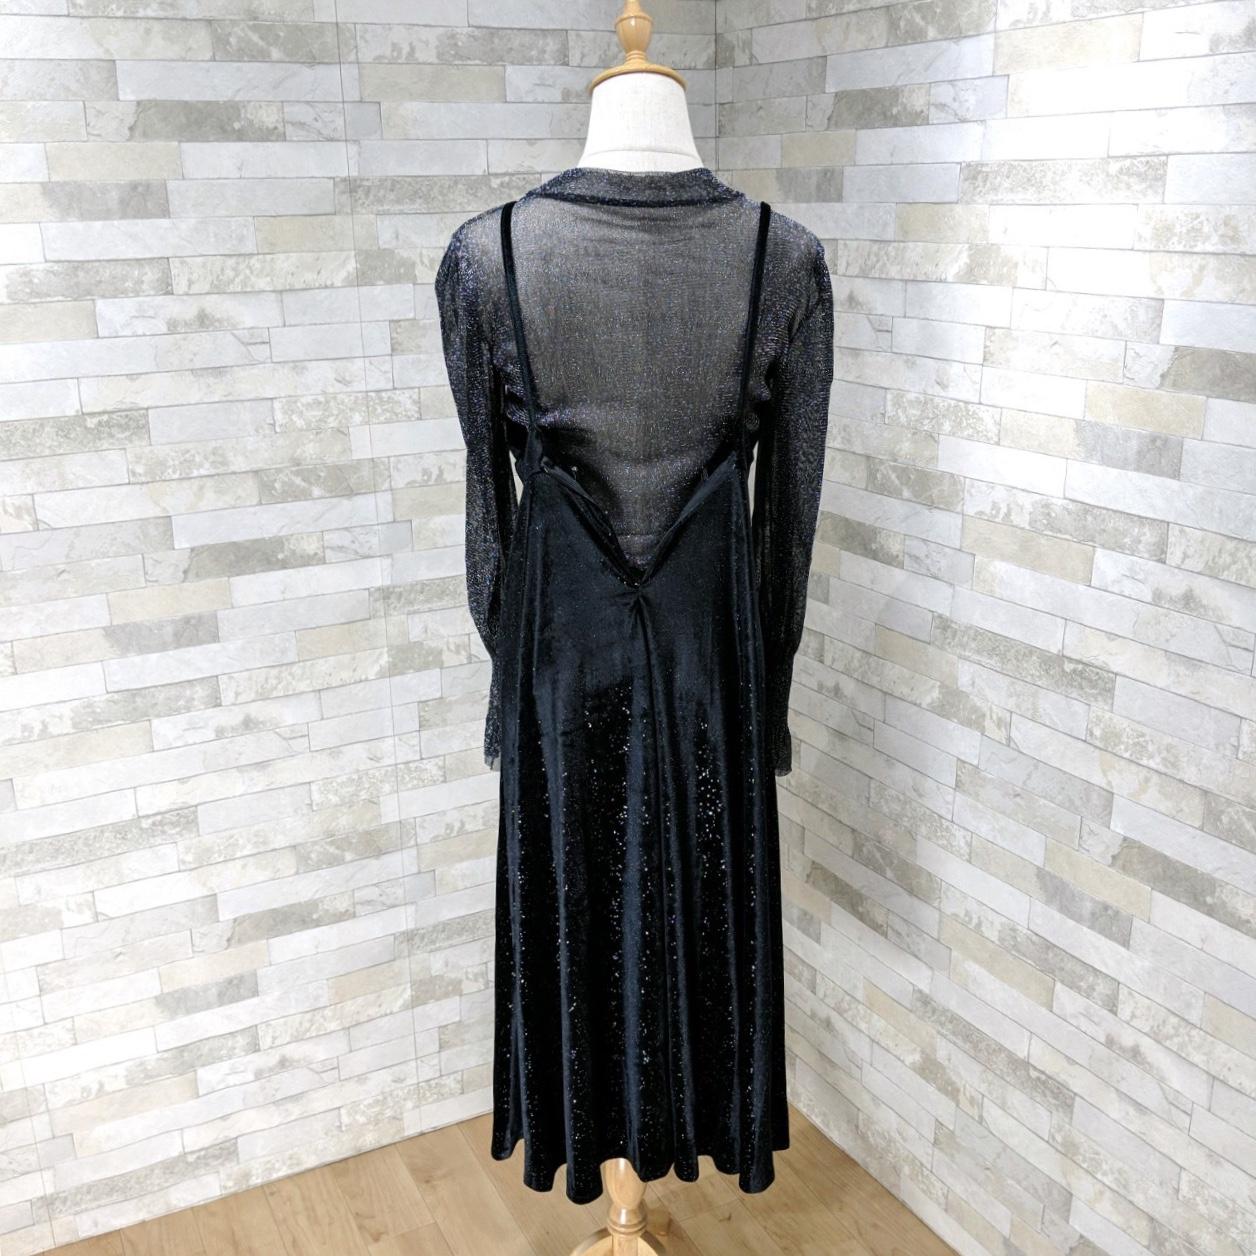 【即納】韓国 ファッション パーティードレス 結婚式 お呼ばれドレス セットアップ 春 秋 冬 パーティー ブライダル SPTXG143  シースルー ロングカフス キャミワ 二次会 セレブ きれいめの写真16枚目